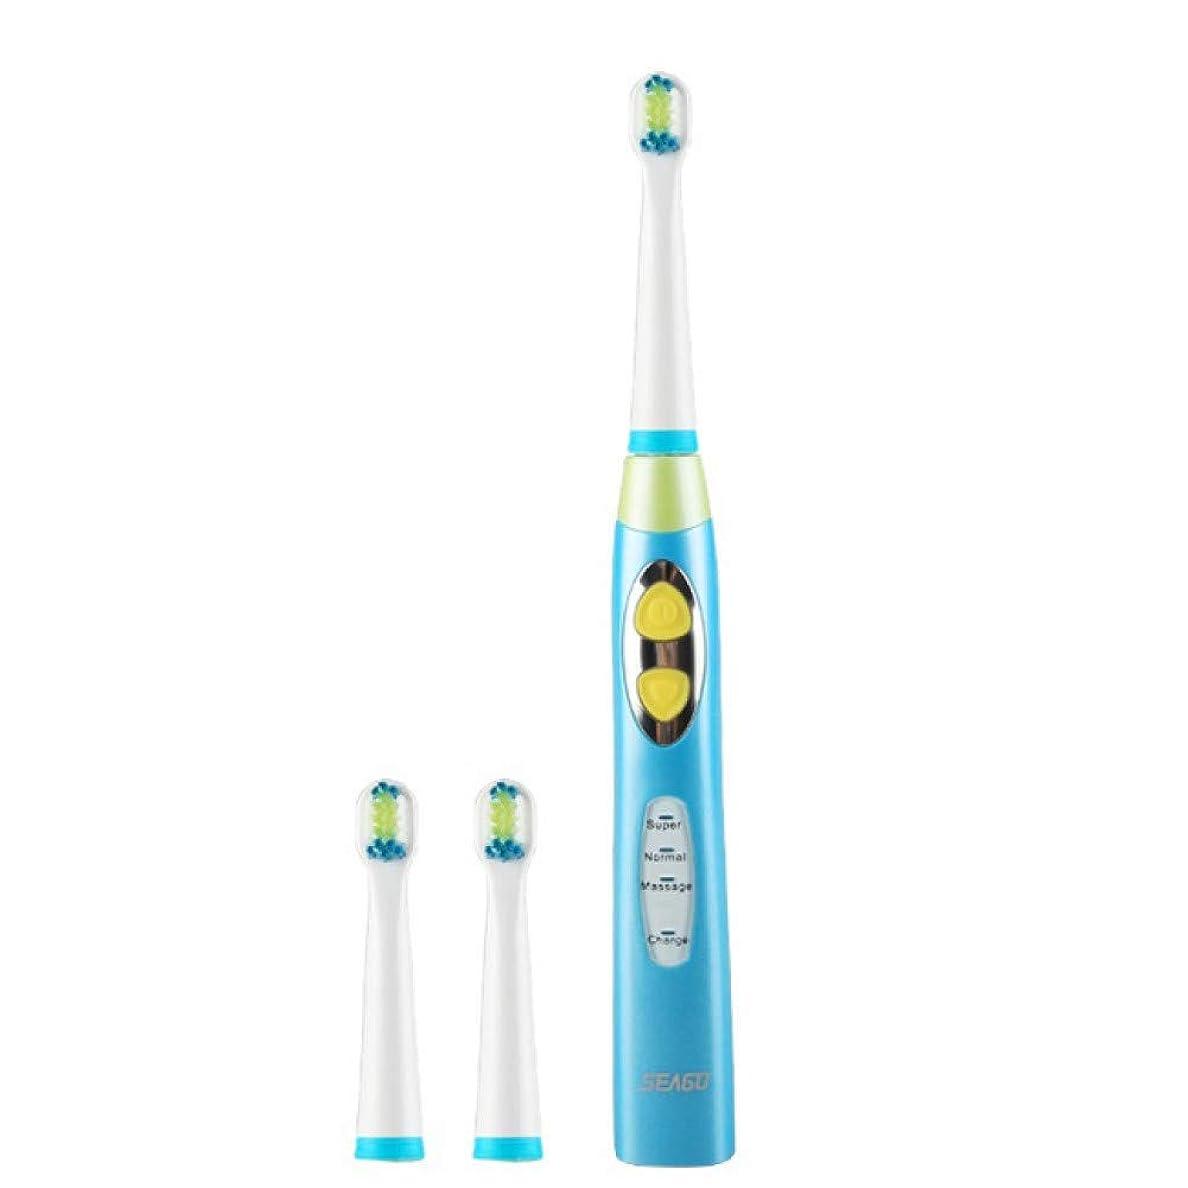 写真の使用法滅びる子供電動歯ブラシUsb充電式充電タイマーブラシ3モードソニック歯ブラシ3頭デンタルケア、ブルー